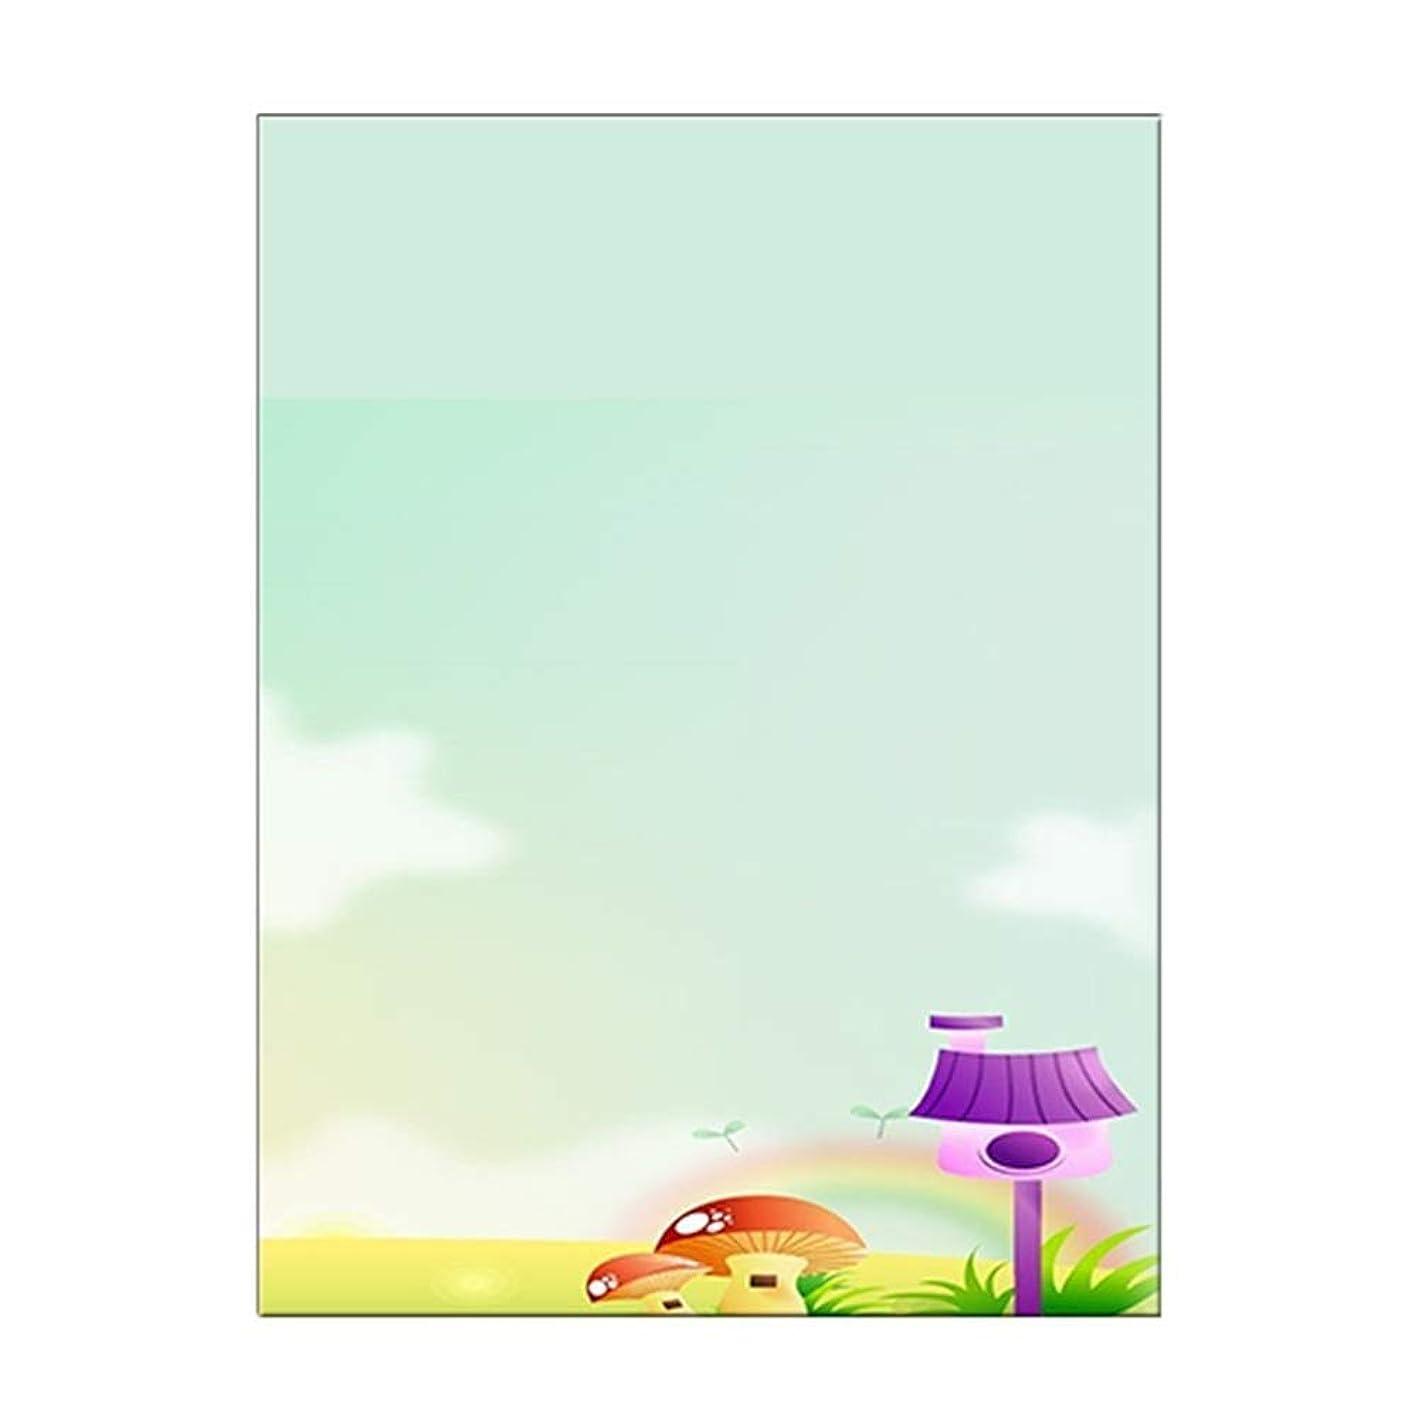 困惑したスローくしゃくしゃOUPAI 窓フィルム ウィンドウプライバシーフィルム、接着剤なしのレインボーウィンドウステッカー、家庭用キッチン用非粘着ガラスフィルム、寝室のリビングルーム用の取り外し可能なウィンドウティントフィルム ガラスフィルム (Color : A, Size : 40x100cm)